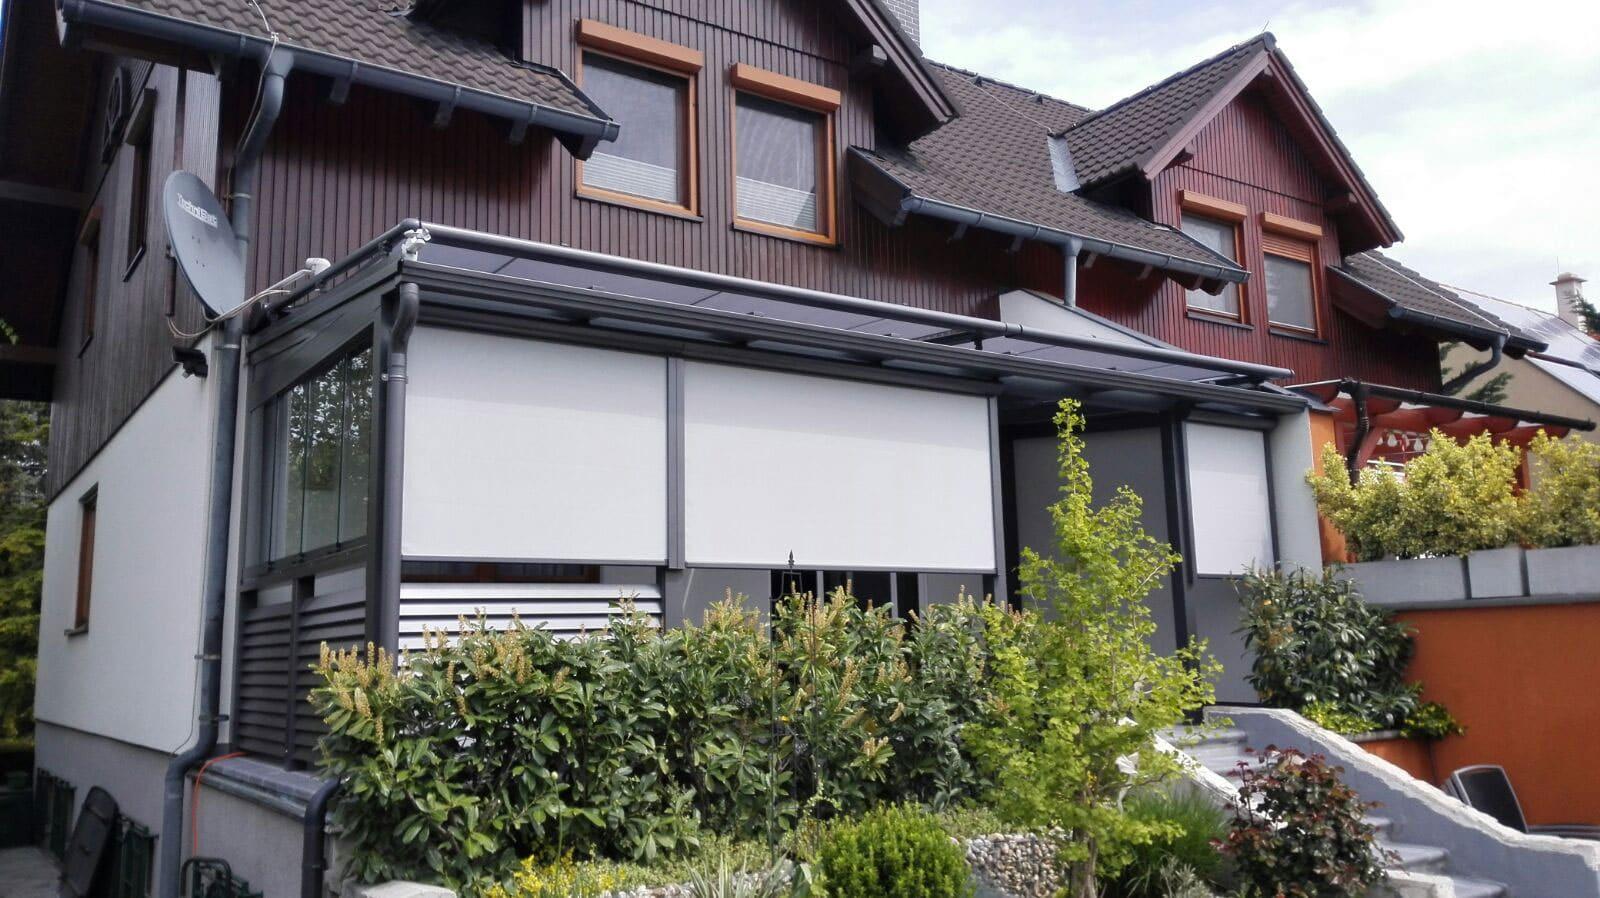 Terrassendach Alu 69 | Alu-Lamellen-Geländer, hellgraue Sekrechtmarkisen, Seitenverglasung | Svoboda